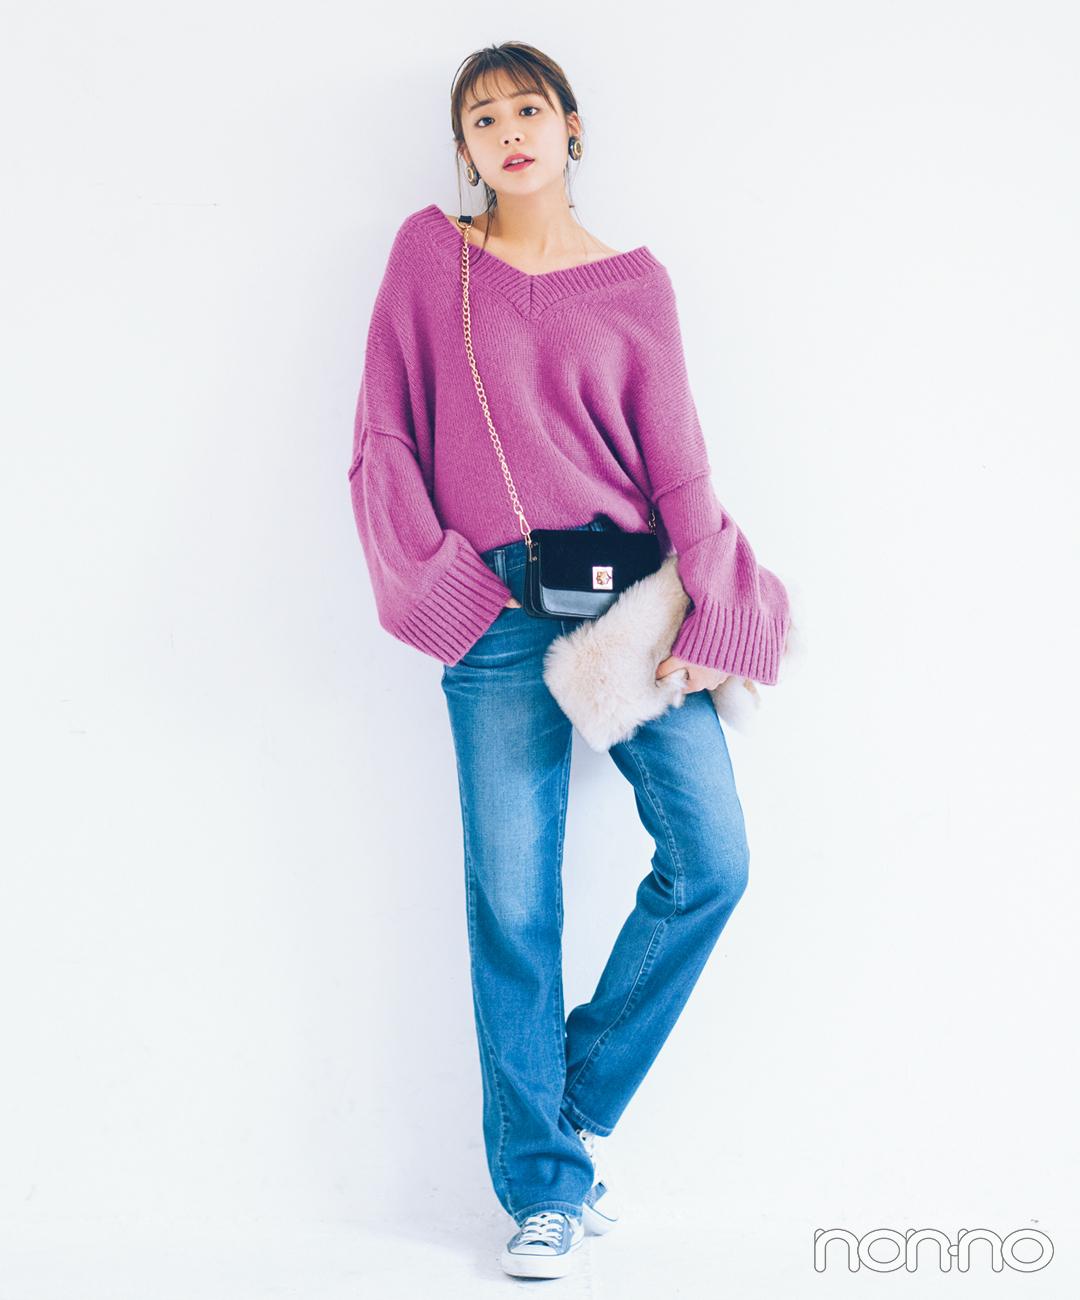 【ストレートデニムコーデ】きれい色ゆるニットで真冬の好感度モテスタイル